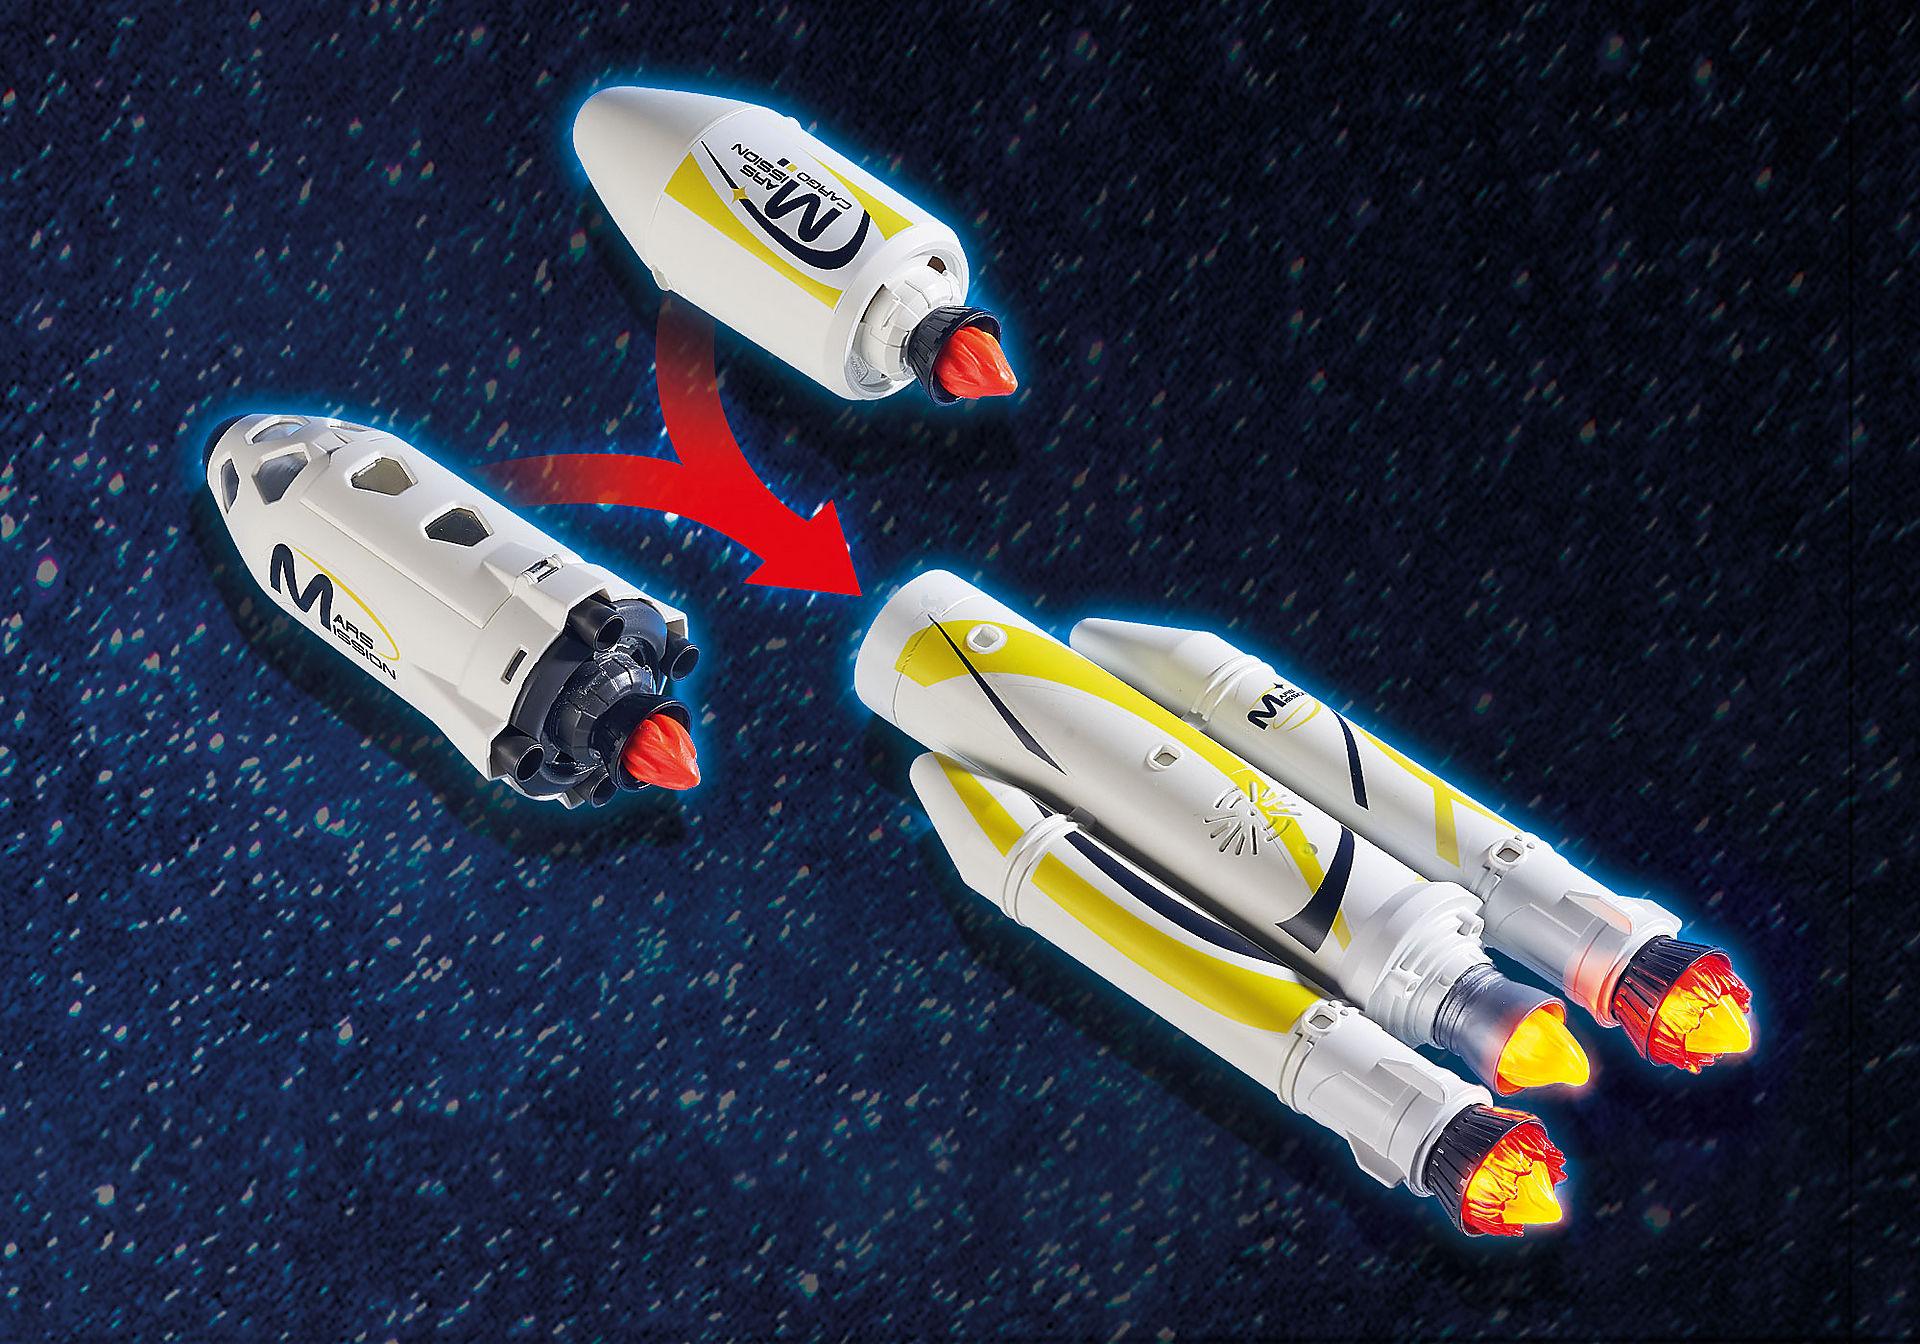 http://media.playmobil.com/i/playmobil/9488_product_extra4/Rocket Racer com Plataforma de Lançamento